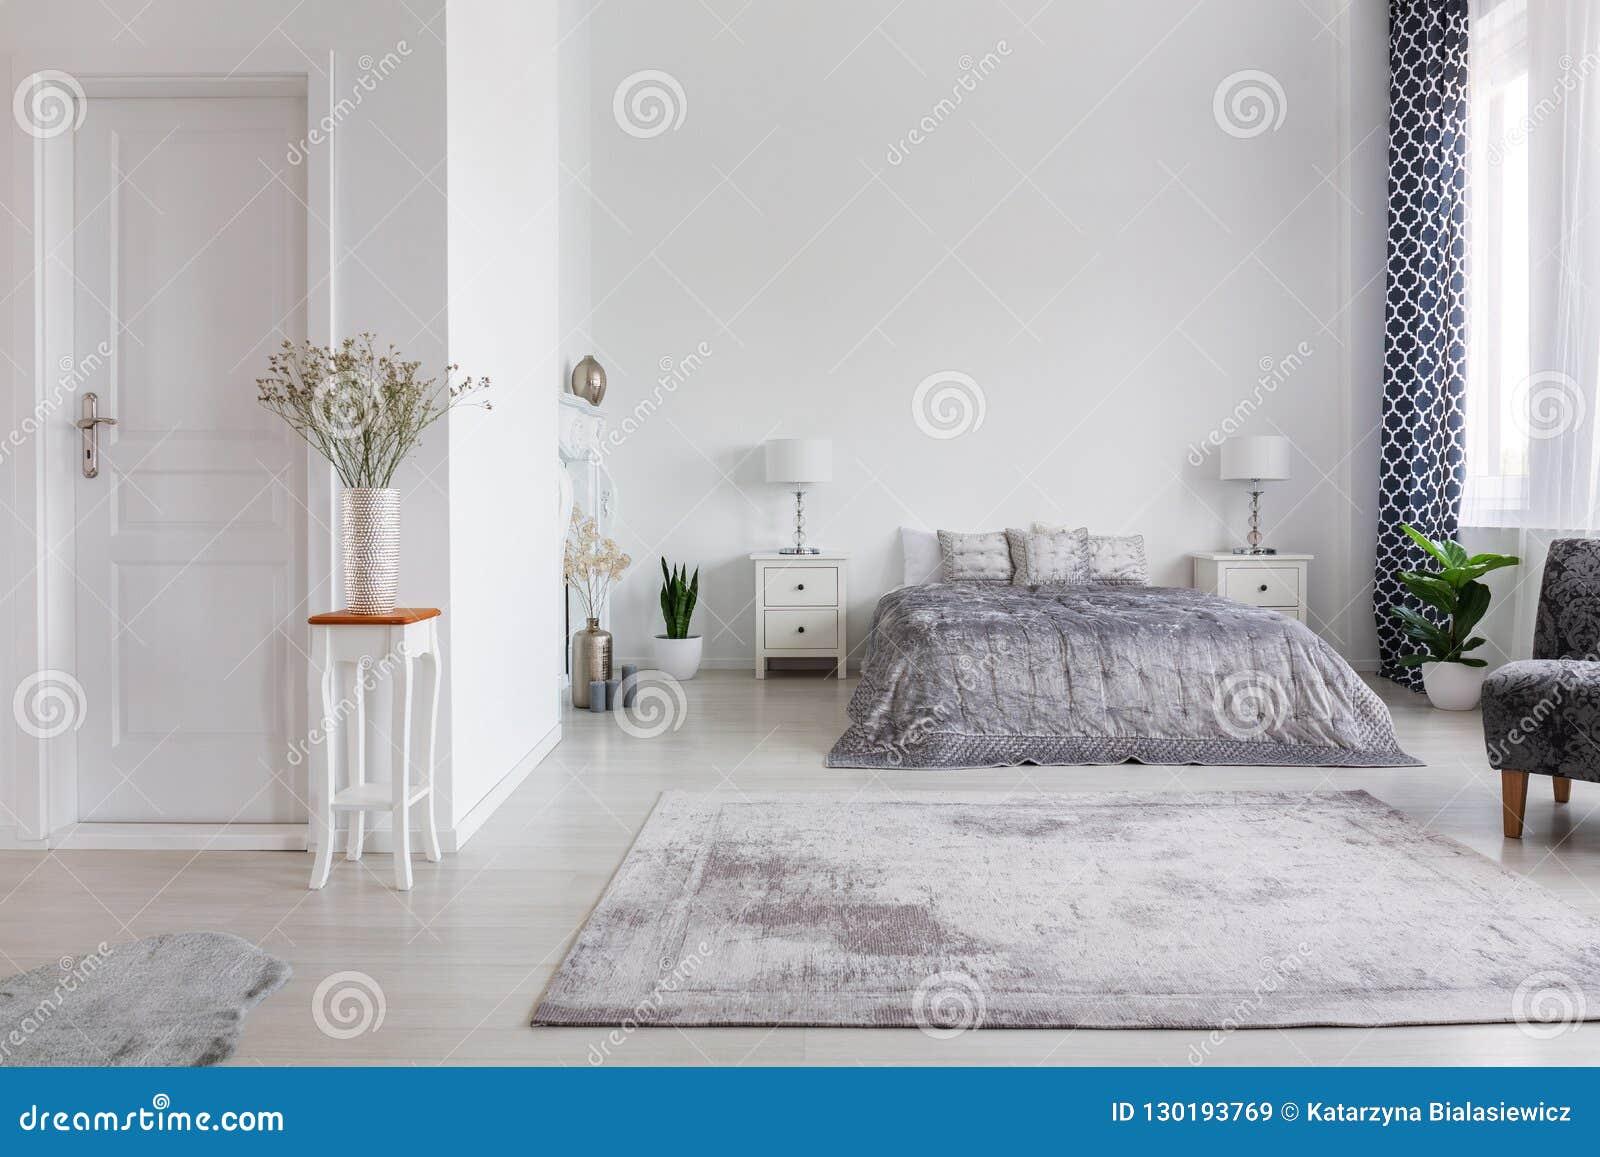 Elegant New York stilsovrum med bekväm säng, verkligt foto med kopieringsutrymme på den vita väggen